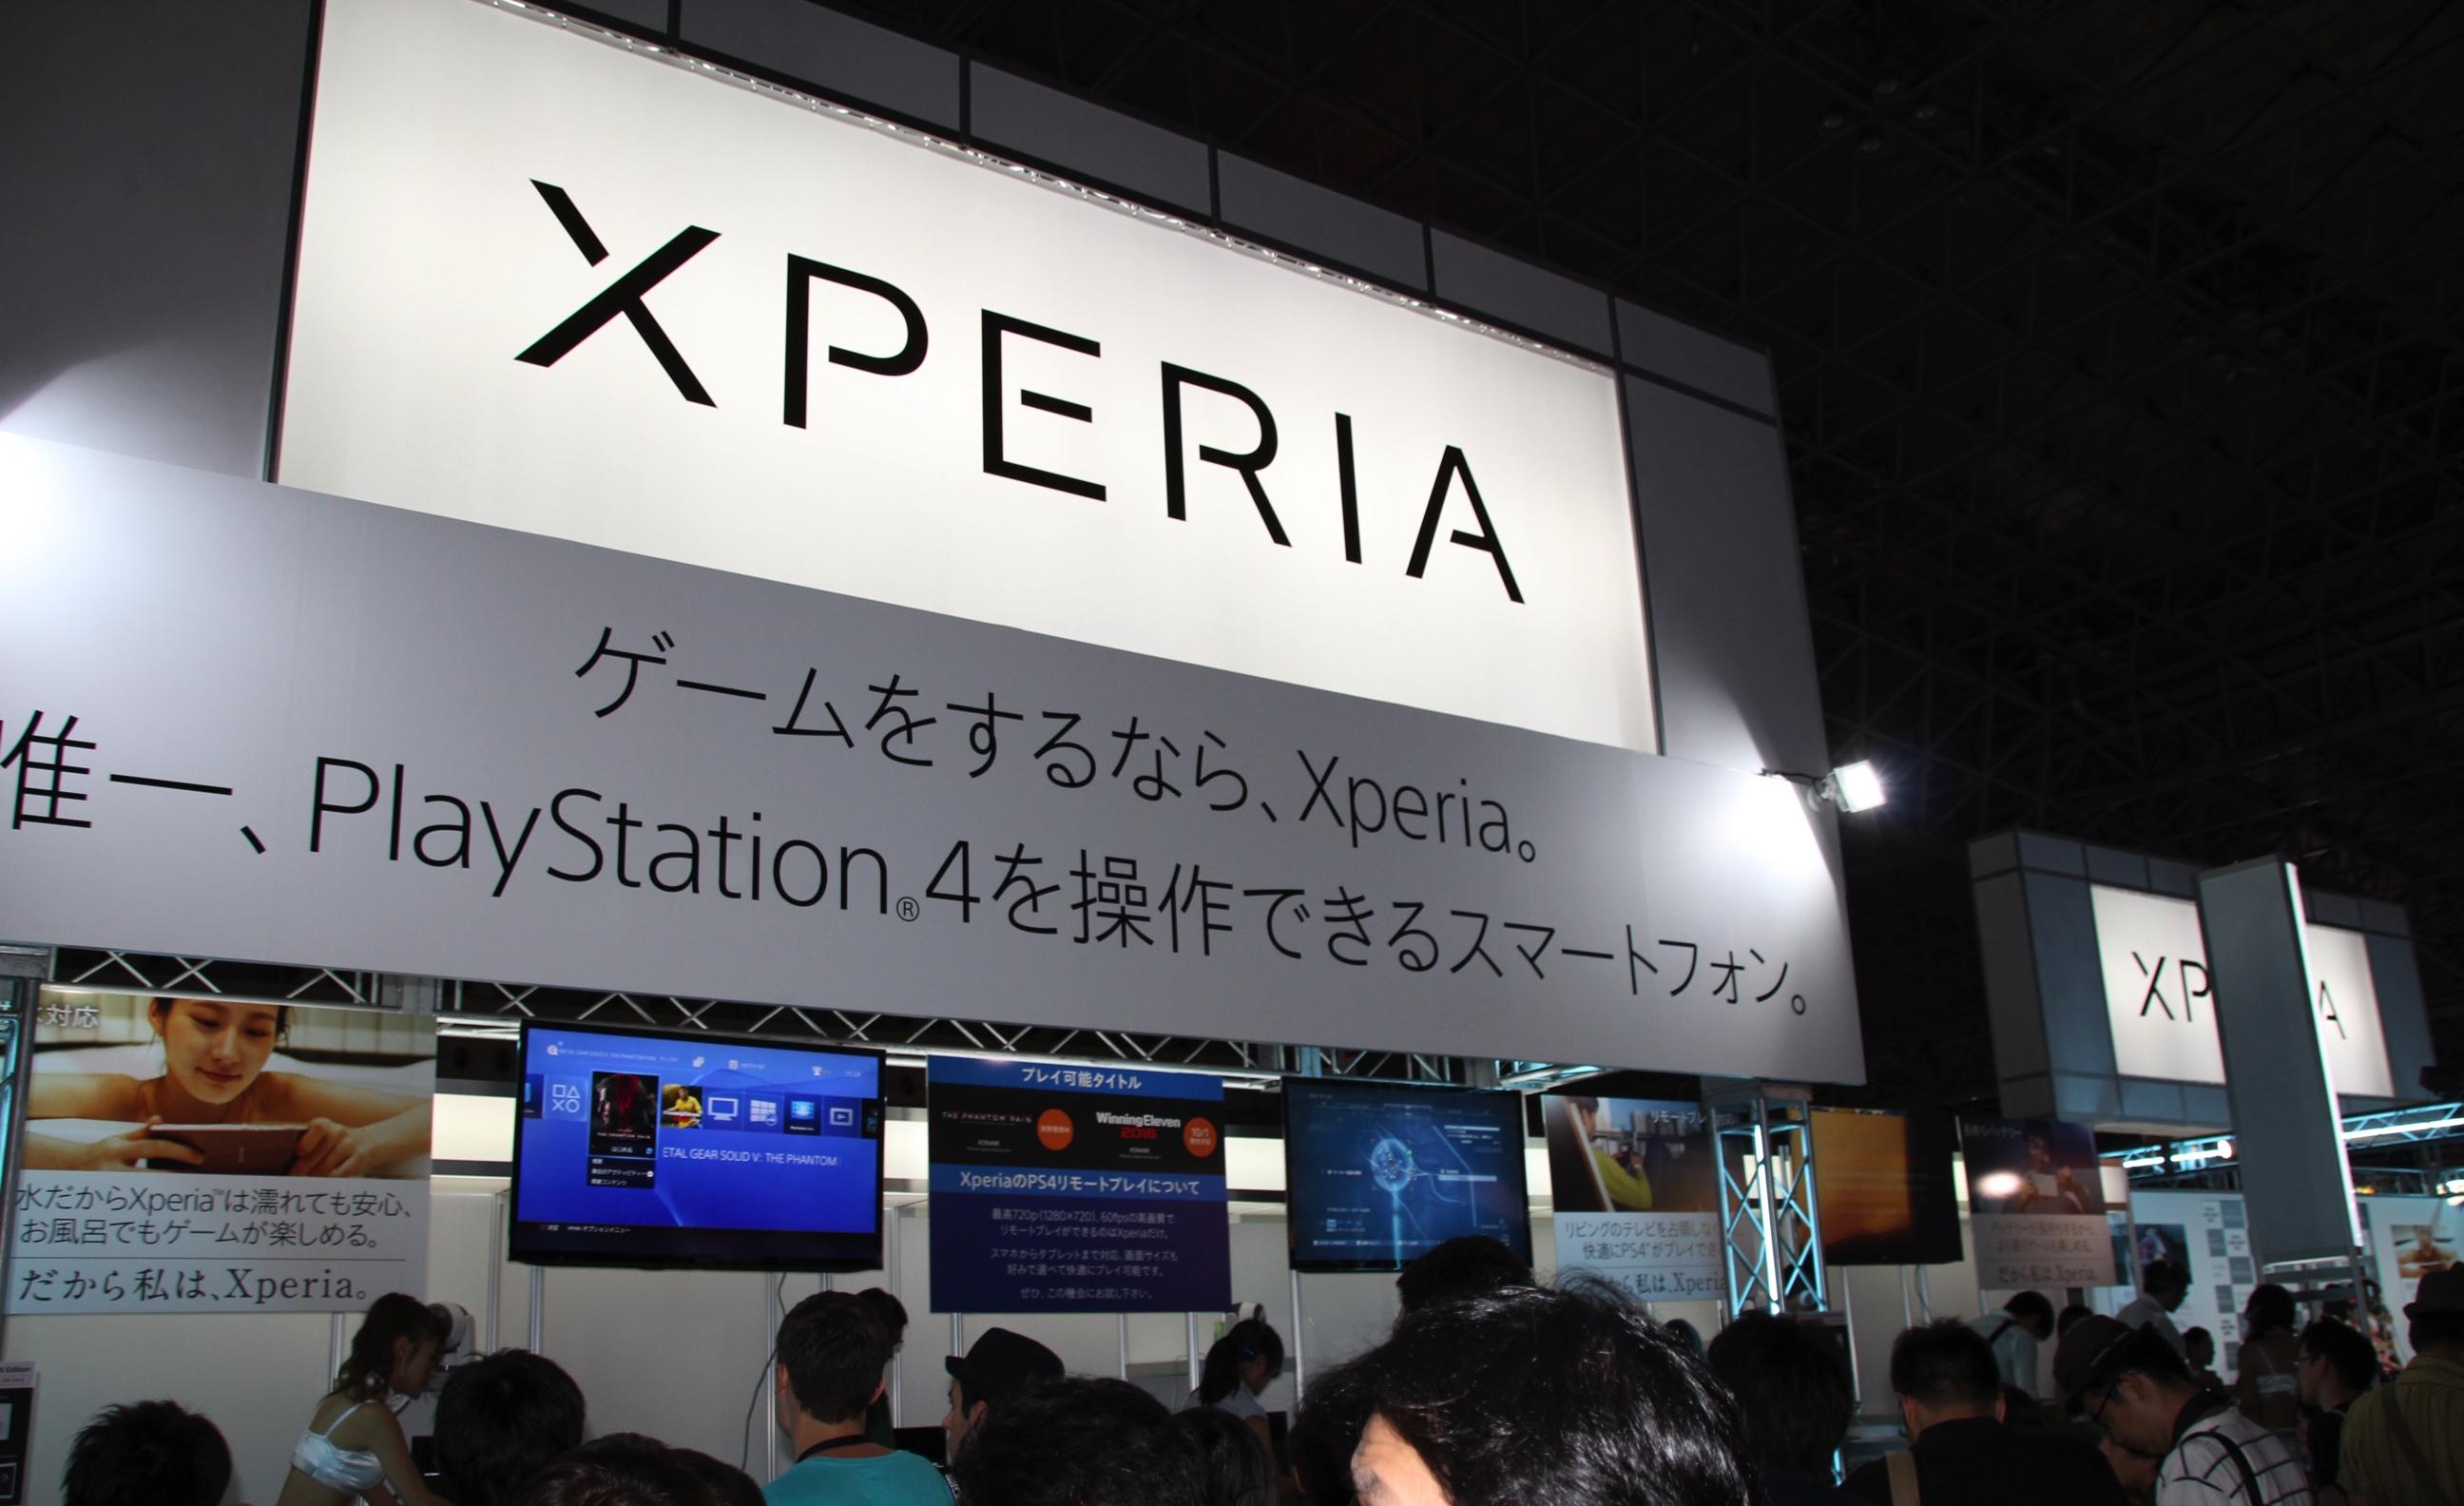 東京ゲームショウ2015 Xperia、SONYブースの様子 #Xperiaアンバサダー